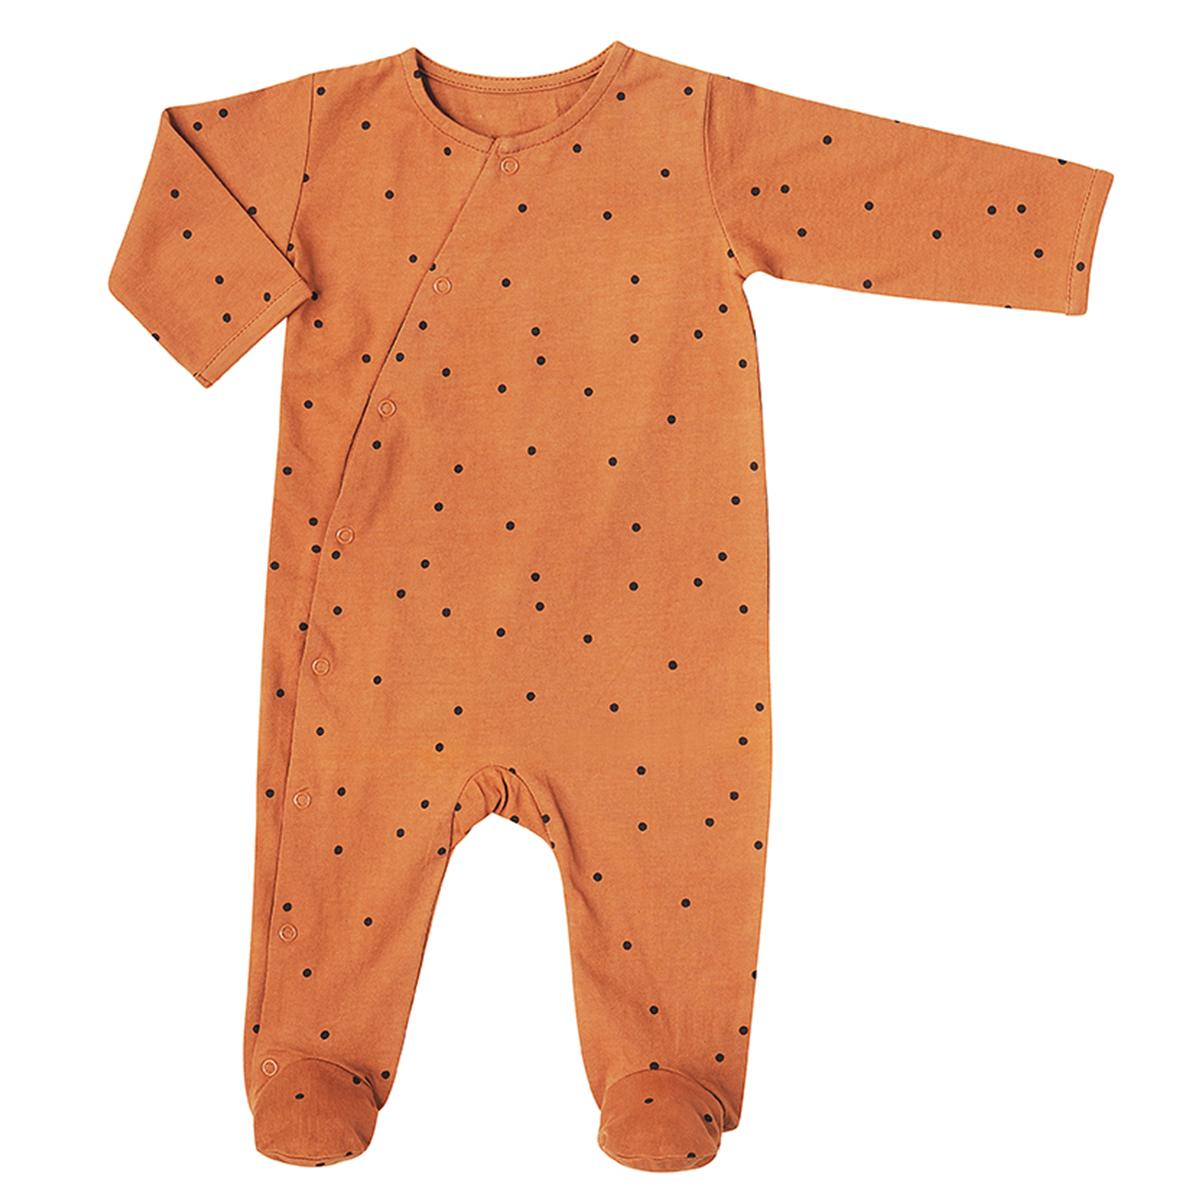 Body & Pyjama Combinaison Jour et Nuit Pois Nut - 6 Mois Combinaison Jour et Nuit Pois Nut - 6 Mois